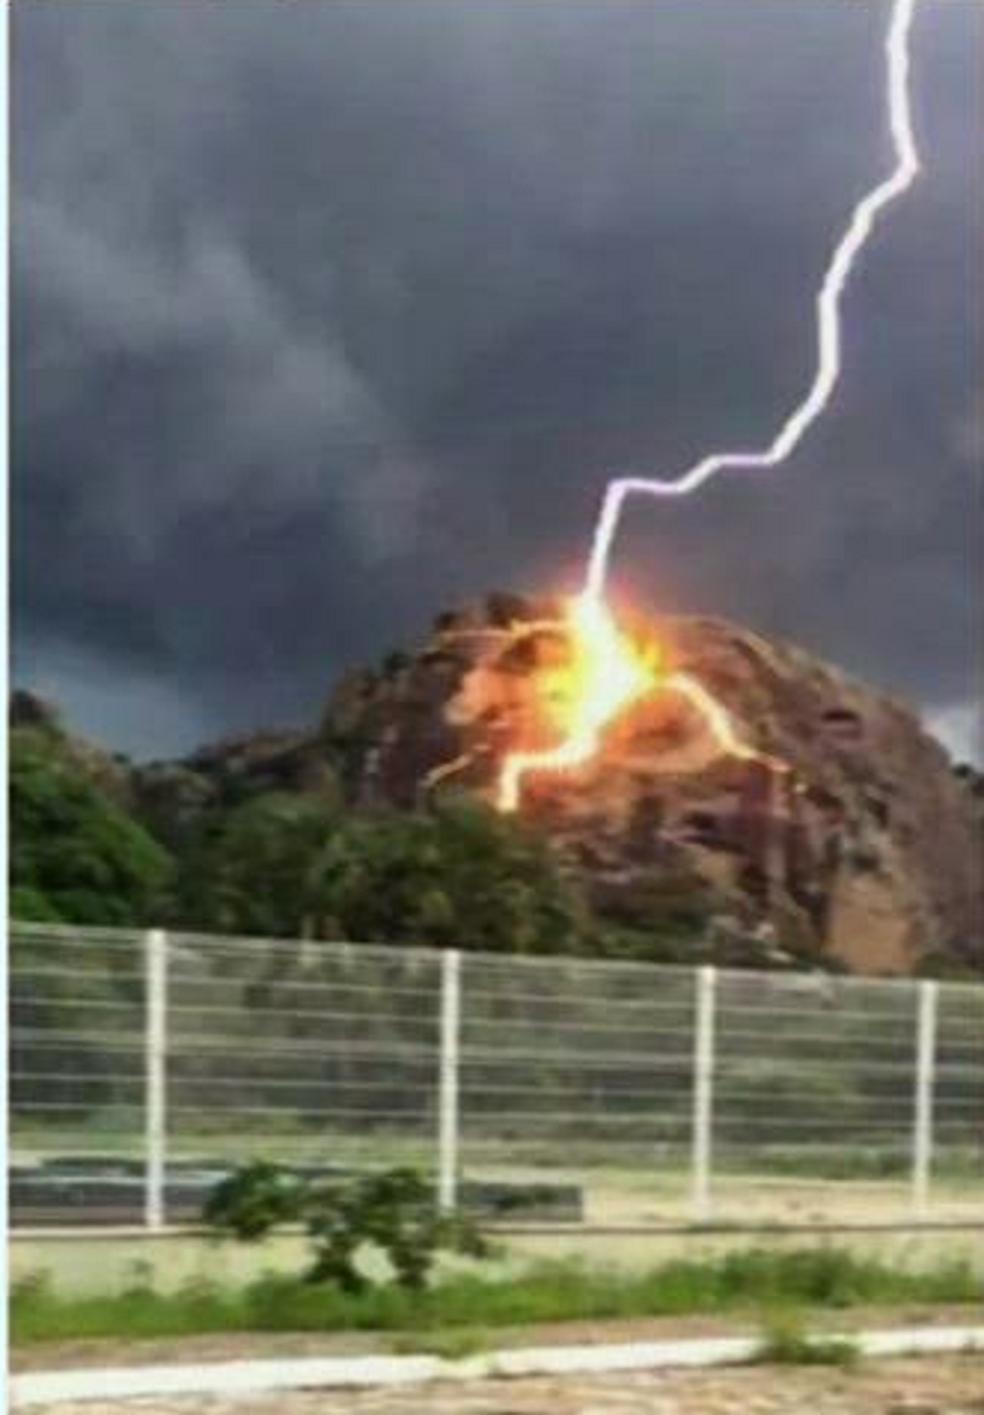 Na cidade de Quixadá, um morador registrou o momento em que um raio caiu na vegetação. (Foto: Reprodução/TV Verdes Mares)